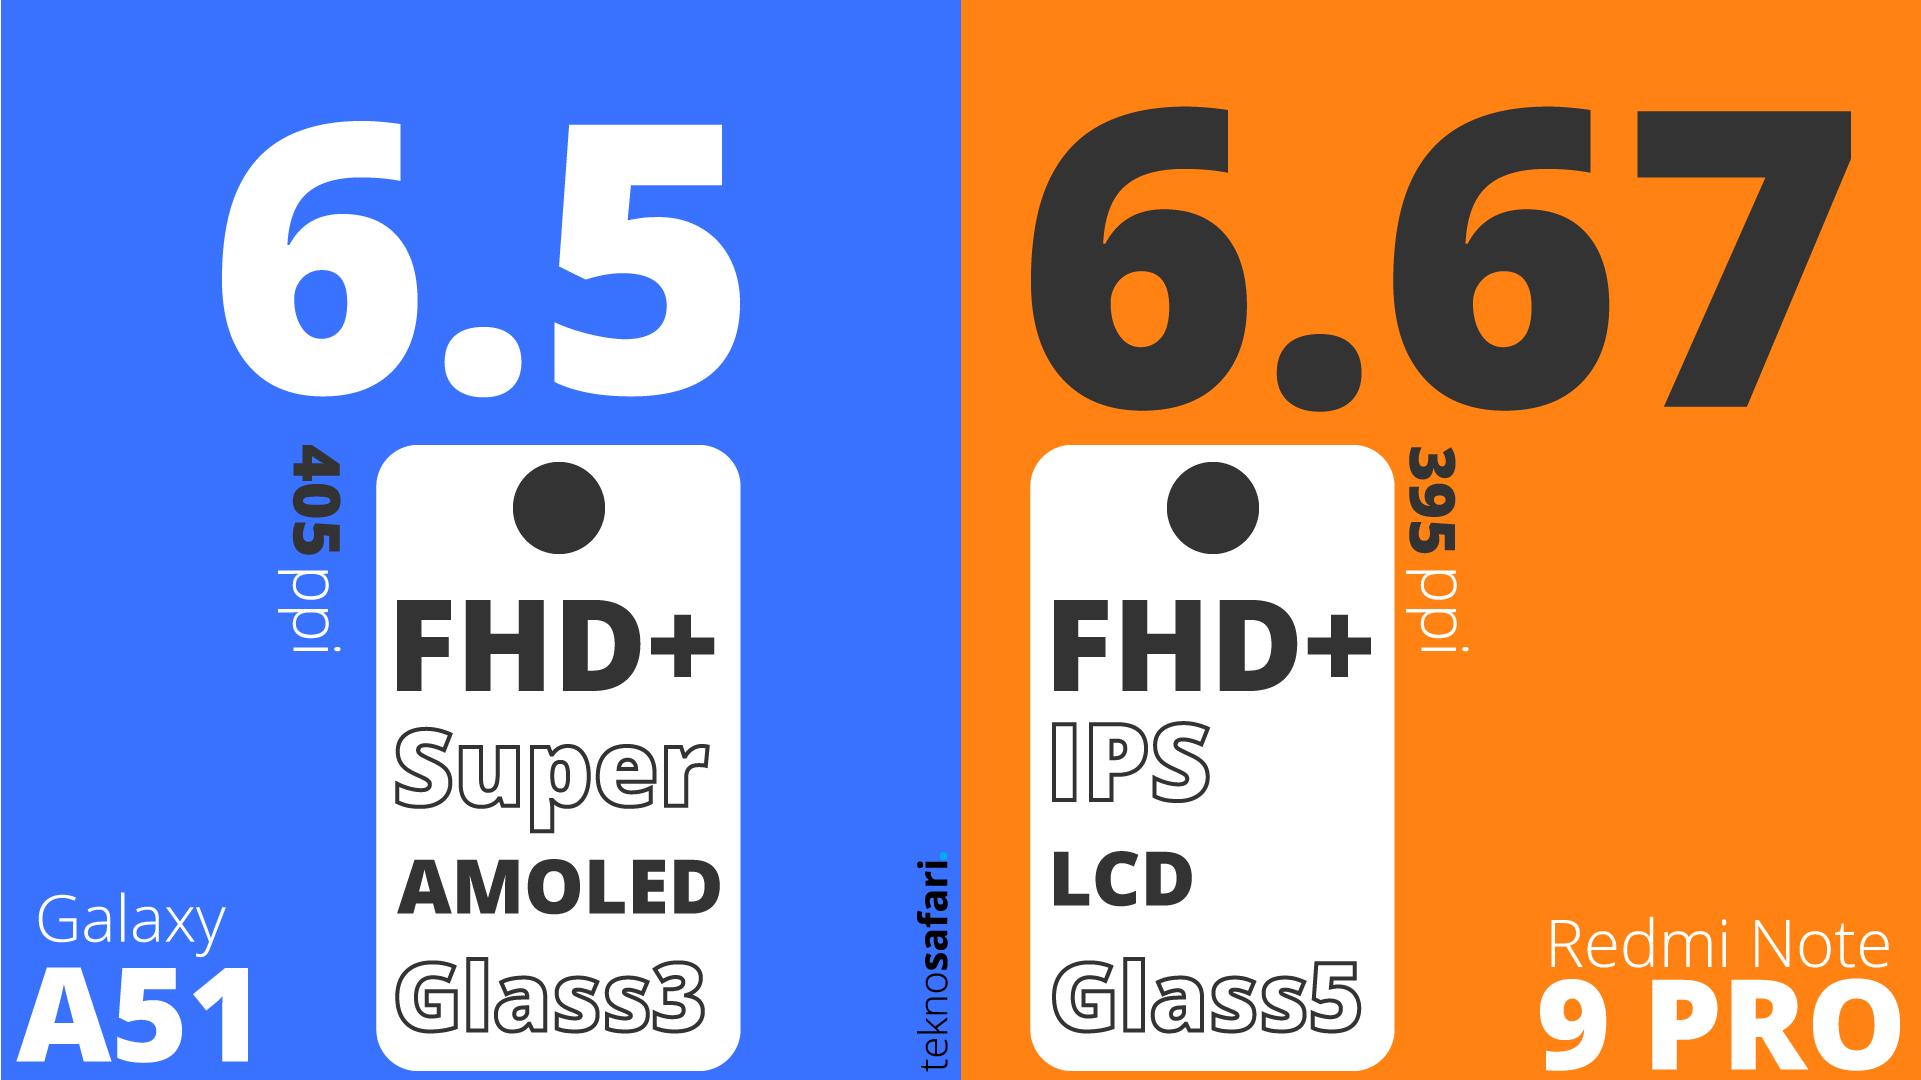 Galaxy A51 vs Redmi Note 9 Pro karşılaştırması